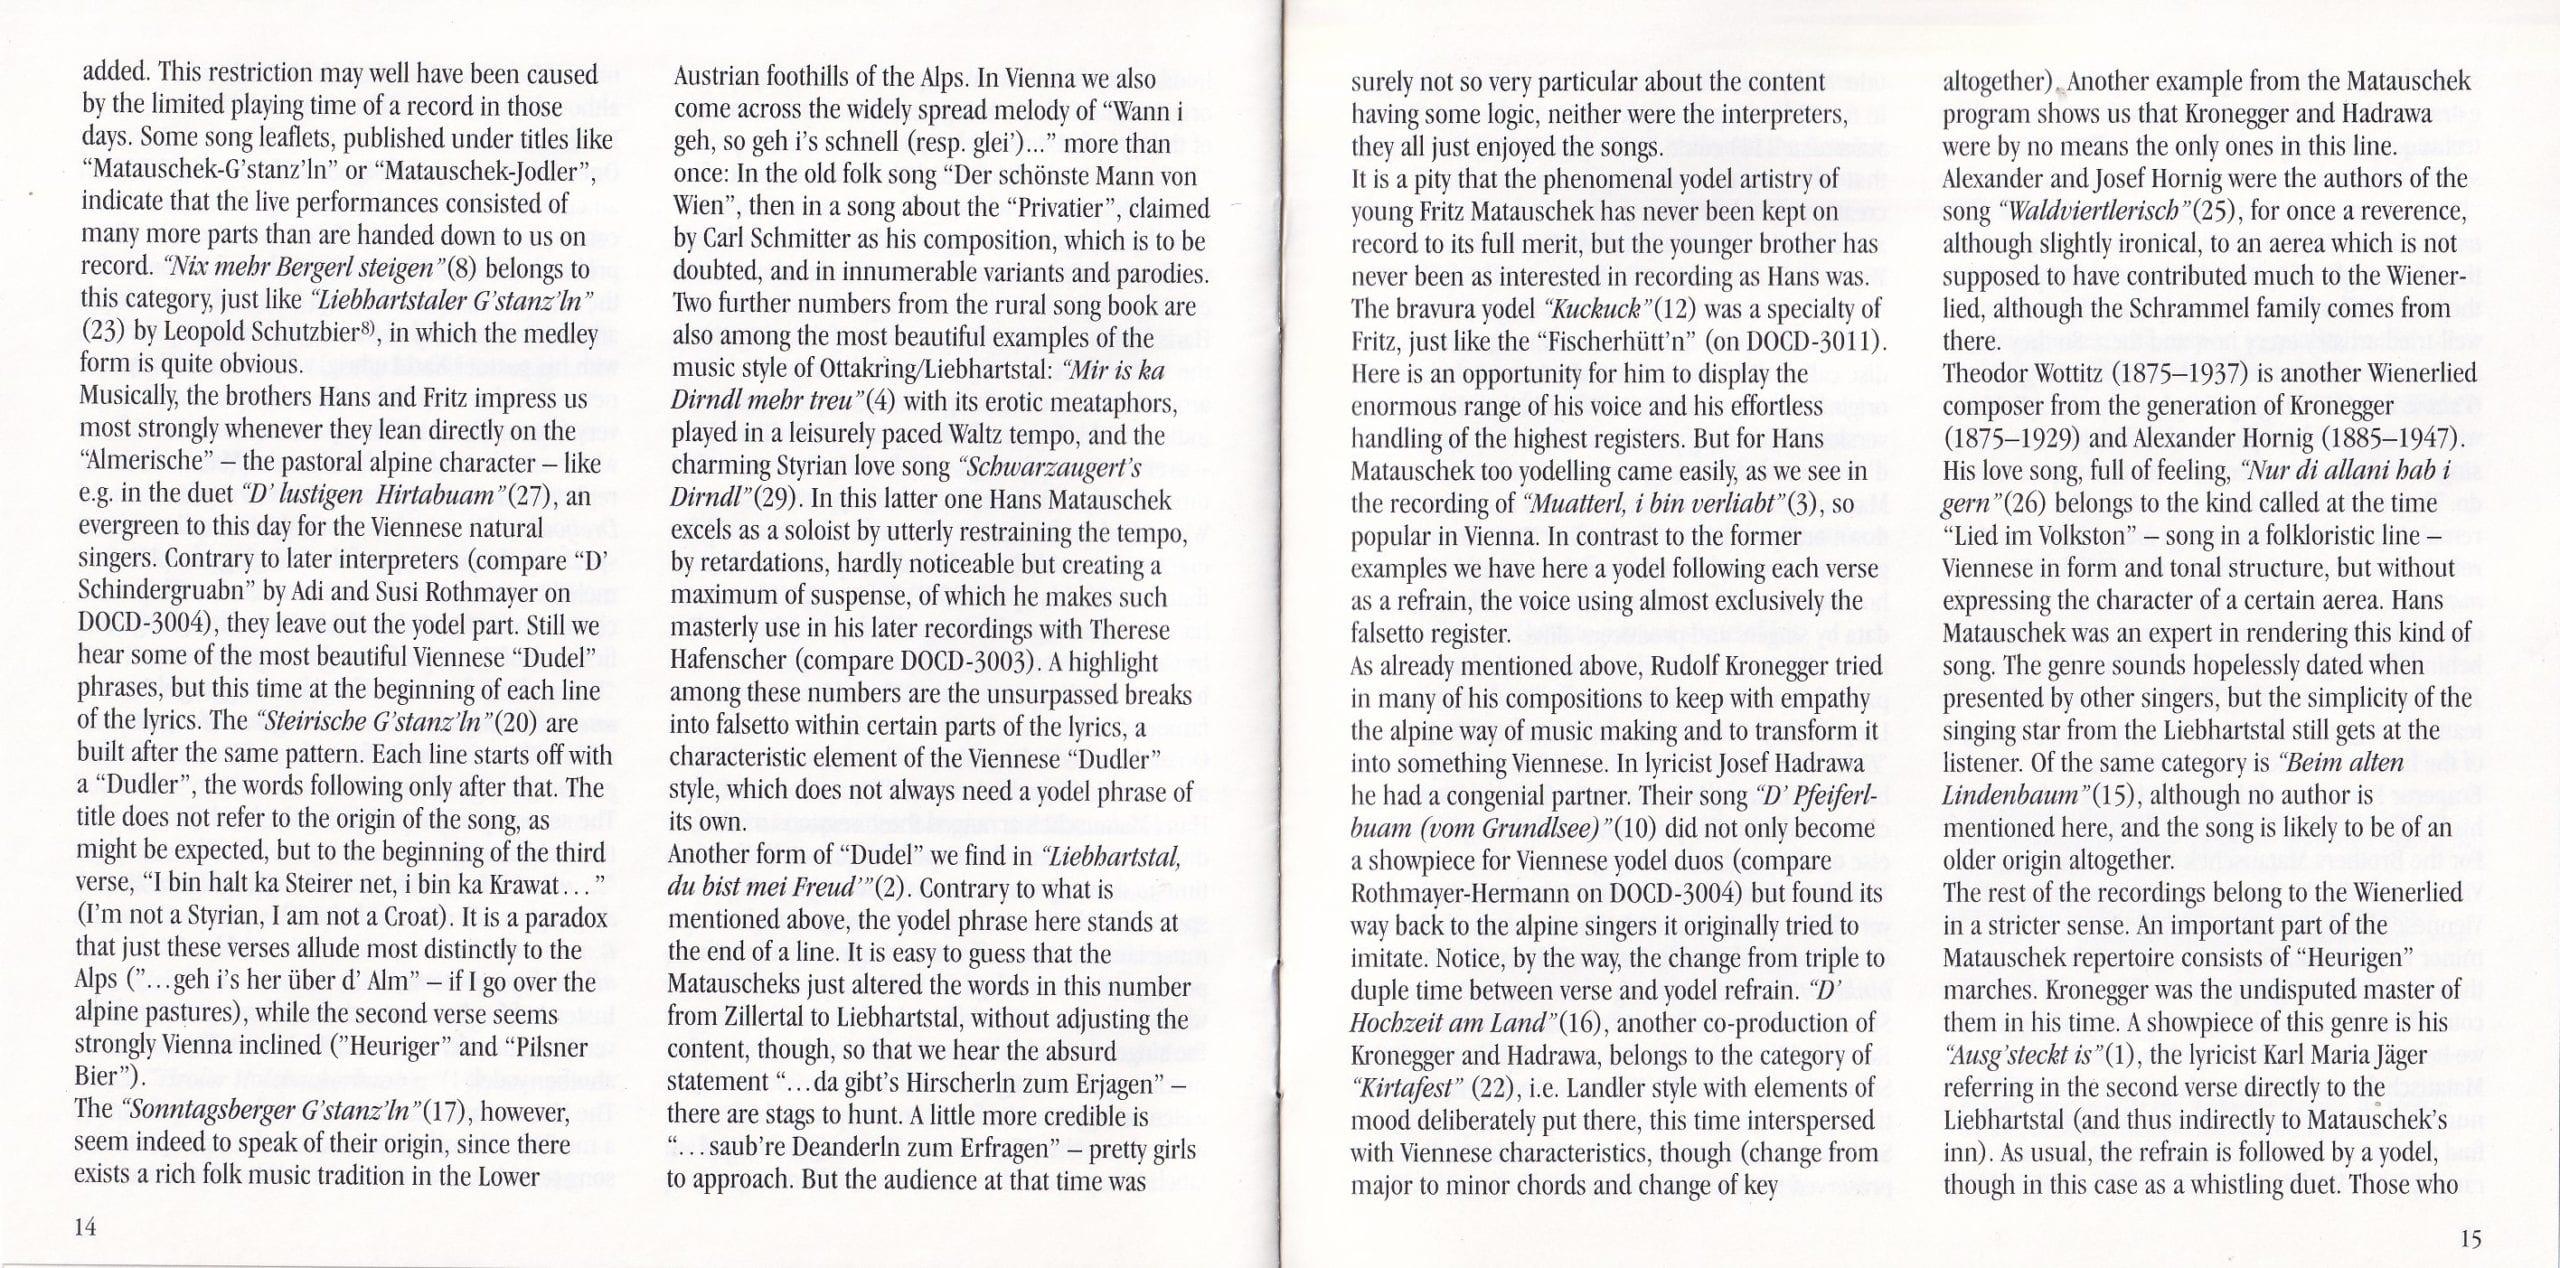 Liebhartstal, du bist mei Freud – Booklet – 14-15